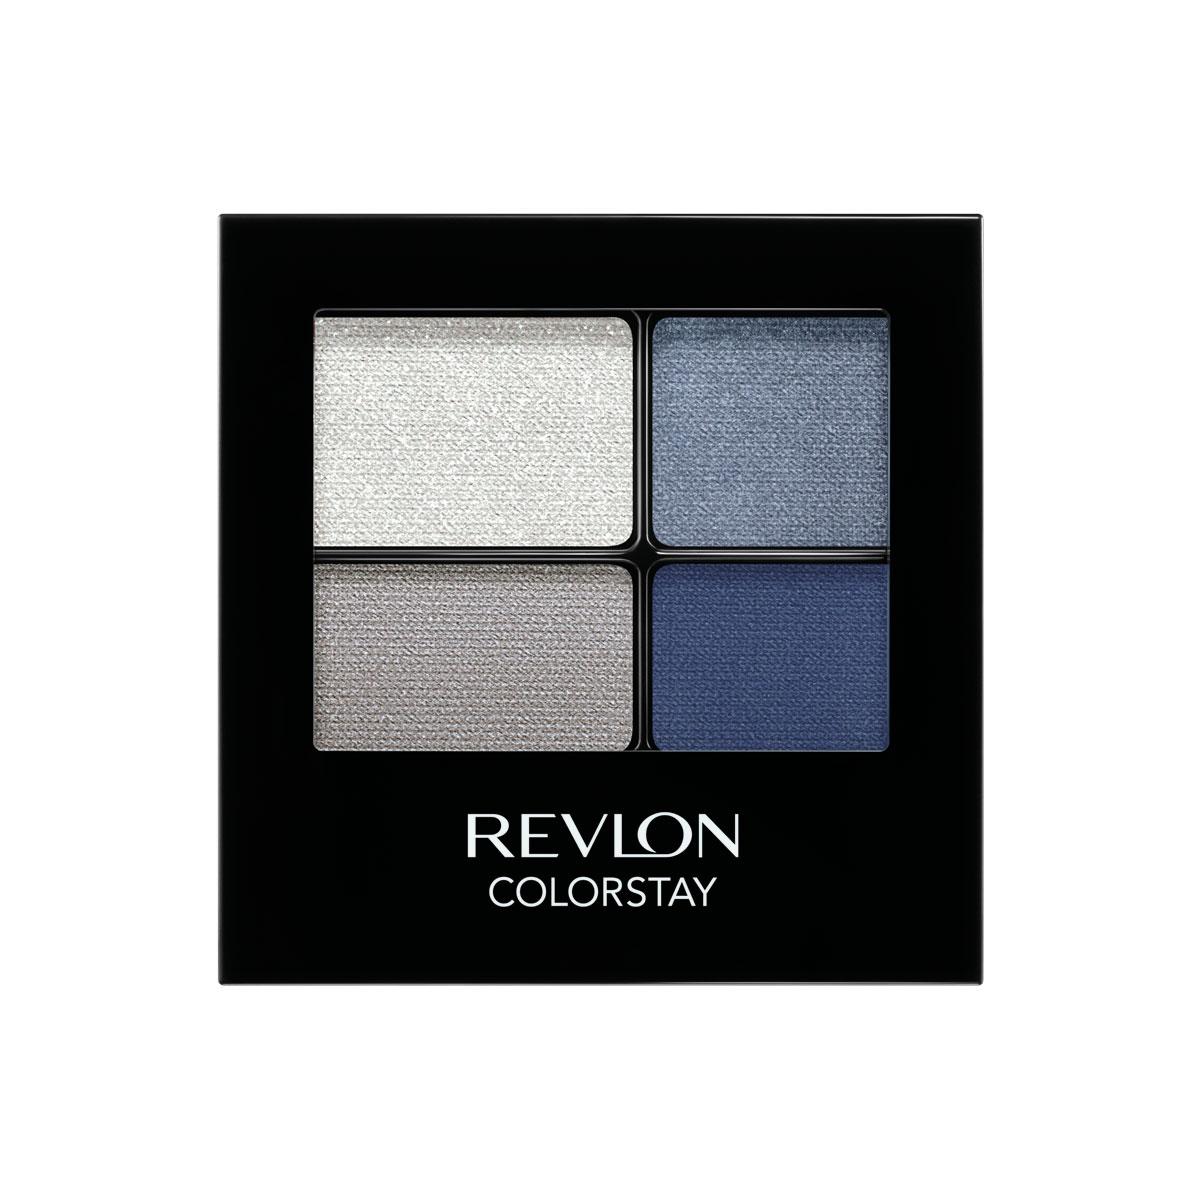 Revlon Тени для Век Четырехцветные Colorstay Eye16 Hour Eye Shadow Quad Passionate 528 42 г7210767025Colorstay 16 Hour Shadow - роскошные тени для век с шелковистой текстурой и невероятно стойкой формулой. Теперь ваш макияж сохранит свой безупречный вид не менее 16 часов! Все оттенки гармонично сочетаются друг с другом и легко смешиваются, позволяя создать бесконечное количество вариантов макияжа глаз: от нежных, естественных, едва заметных до ярких, выразительных, драматических. На оборотной стороне продукта приведена схема нанесения теней.